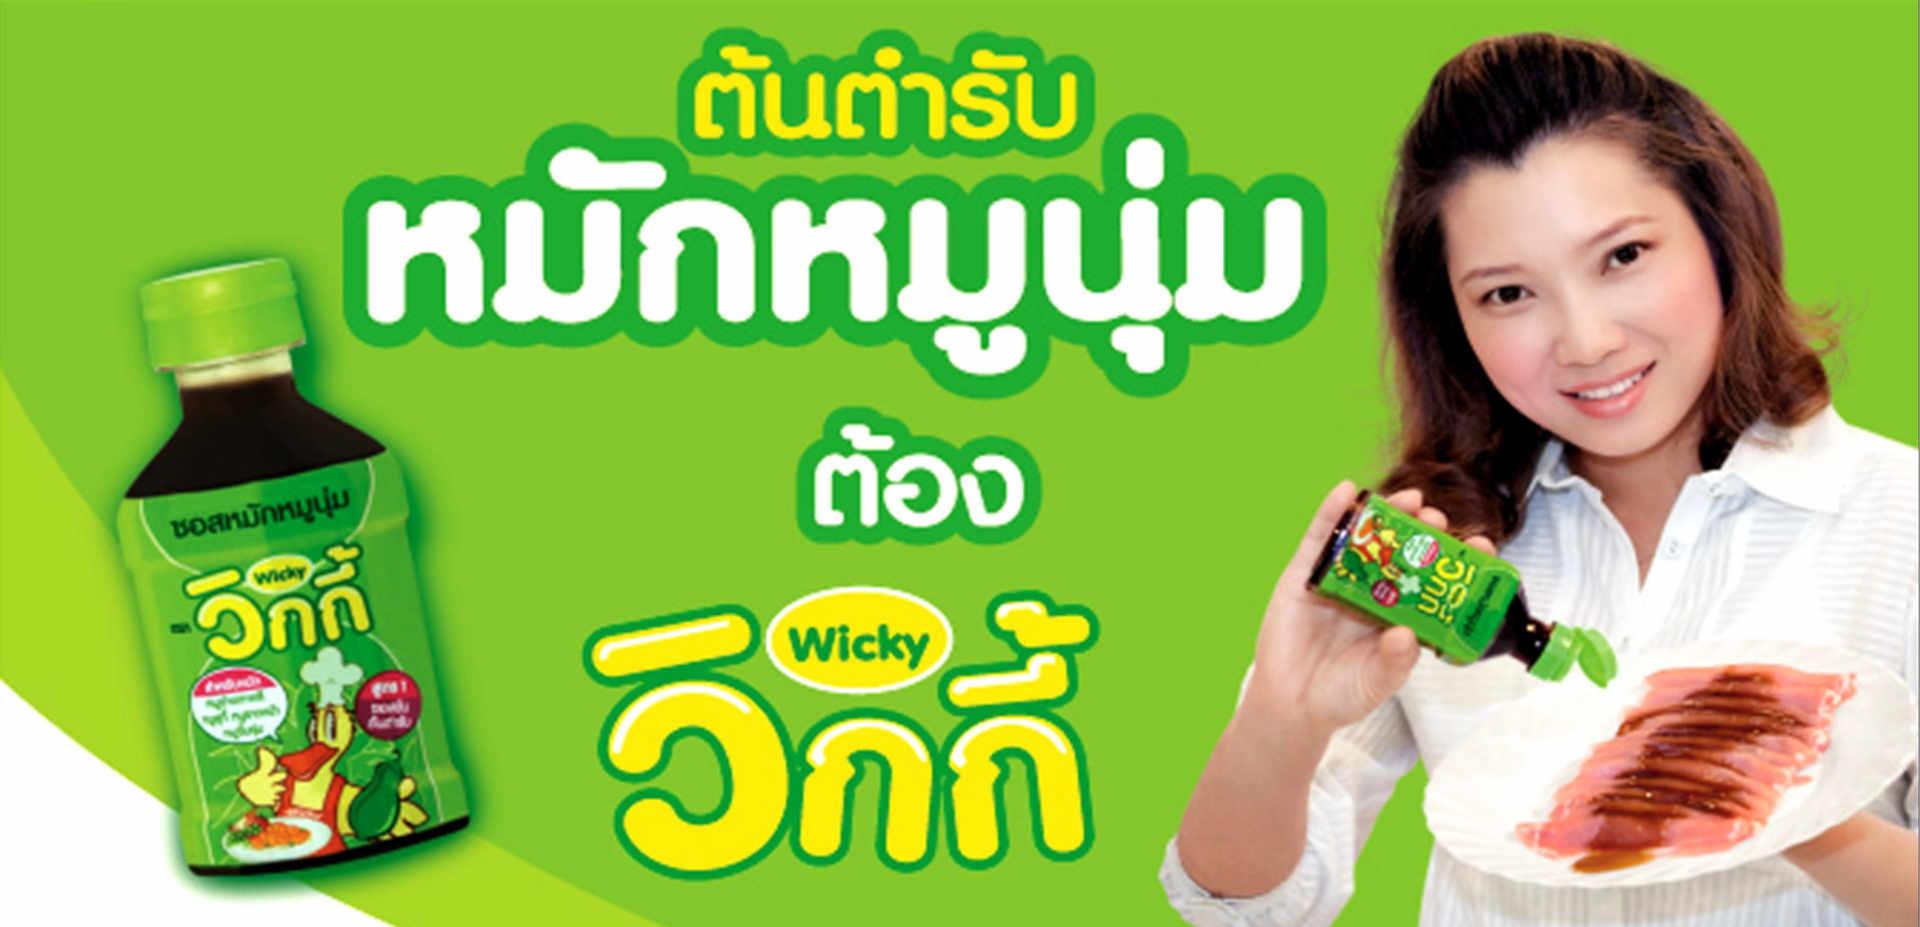 ต้นตำรับ ซอสหมักหมูนุ่ม รายแรกของประเทศไทย